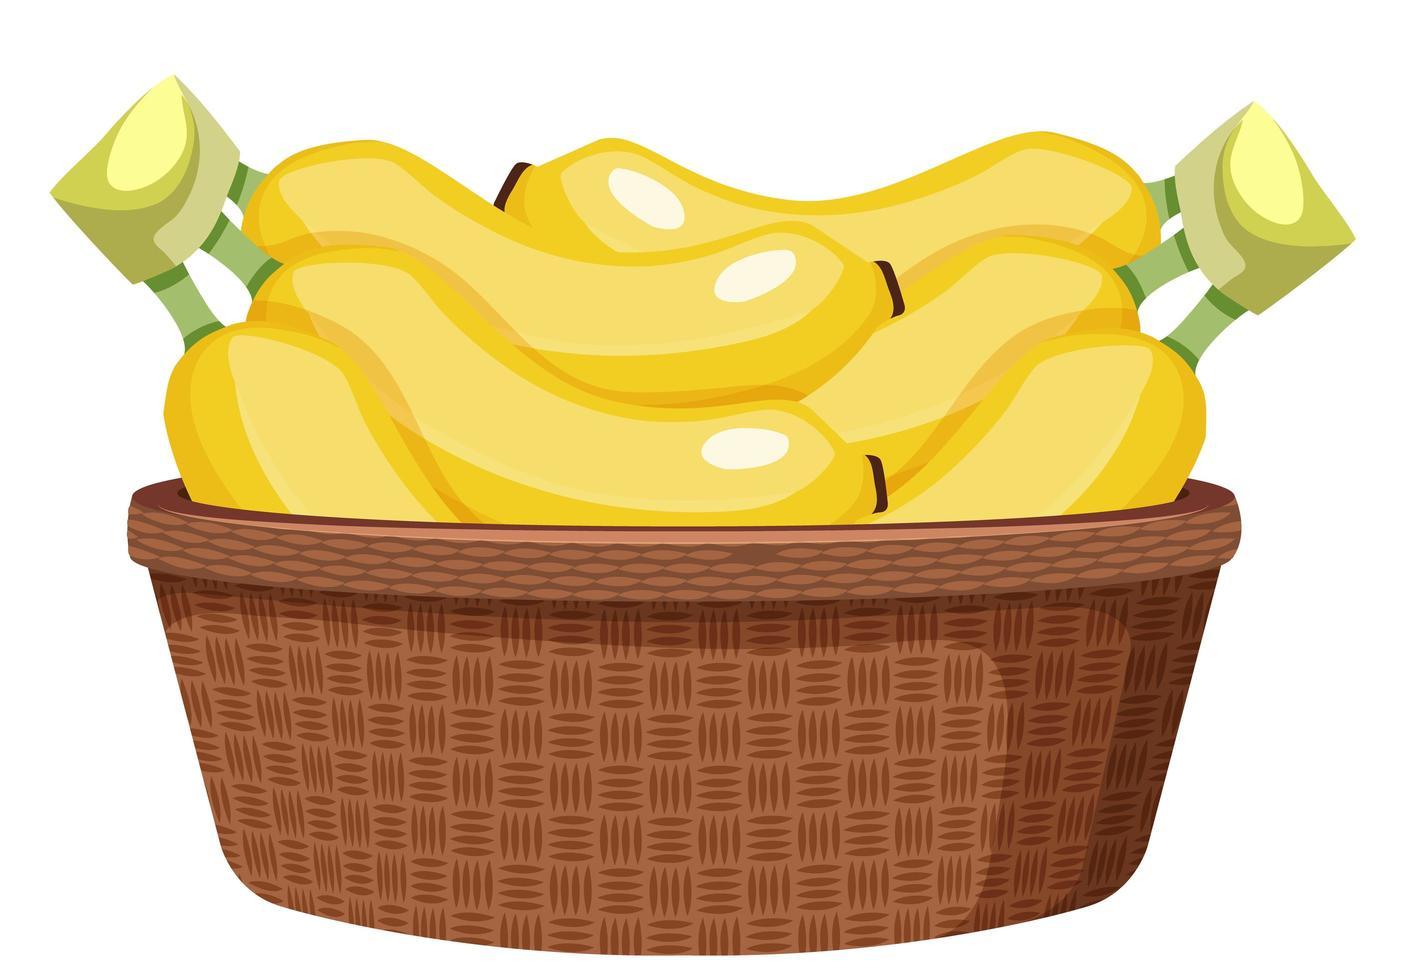 Bananen in einem Korb vektor